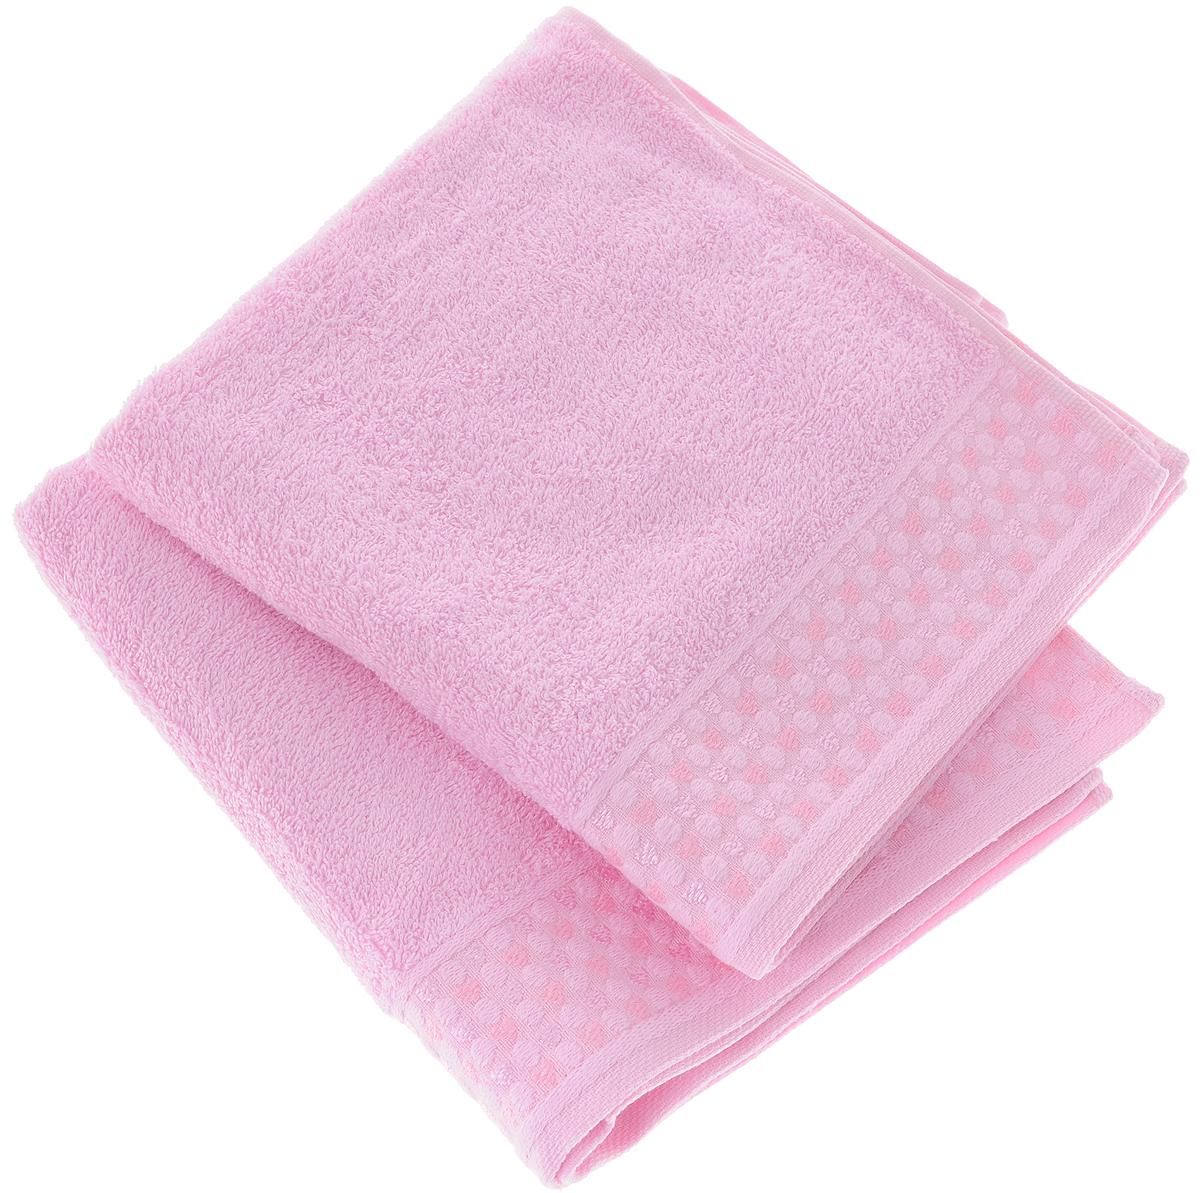 Набор полотенец Tete-a-Tete Сердечки, цвет: розовый, 2 шт. УНП-104-04кУНП-104-04кНабор Tete-a-Tete Сердечки состоит из двух махровых полотенец, выполненных из натурального 100% хлопка. Бордюр полотенец декорирован рисунком сердечек. Изделия мягкие, отлично впитывают влагу, быстро сохнут, сохраняют яркость цвета и не теряют форму даже после многократных стирок. Полотенца Tete-a-Tete Сердечки очень практичны и неприхотливы в уходе. Они легко впишутся в любой интерьер благодаря своей нежной цветовой гамме. Набор упакован в красивую коробку и может послужить отличной идеей подарка.Размеры полотенец: 70 х 140 см, 50 х 90 см.